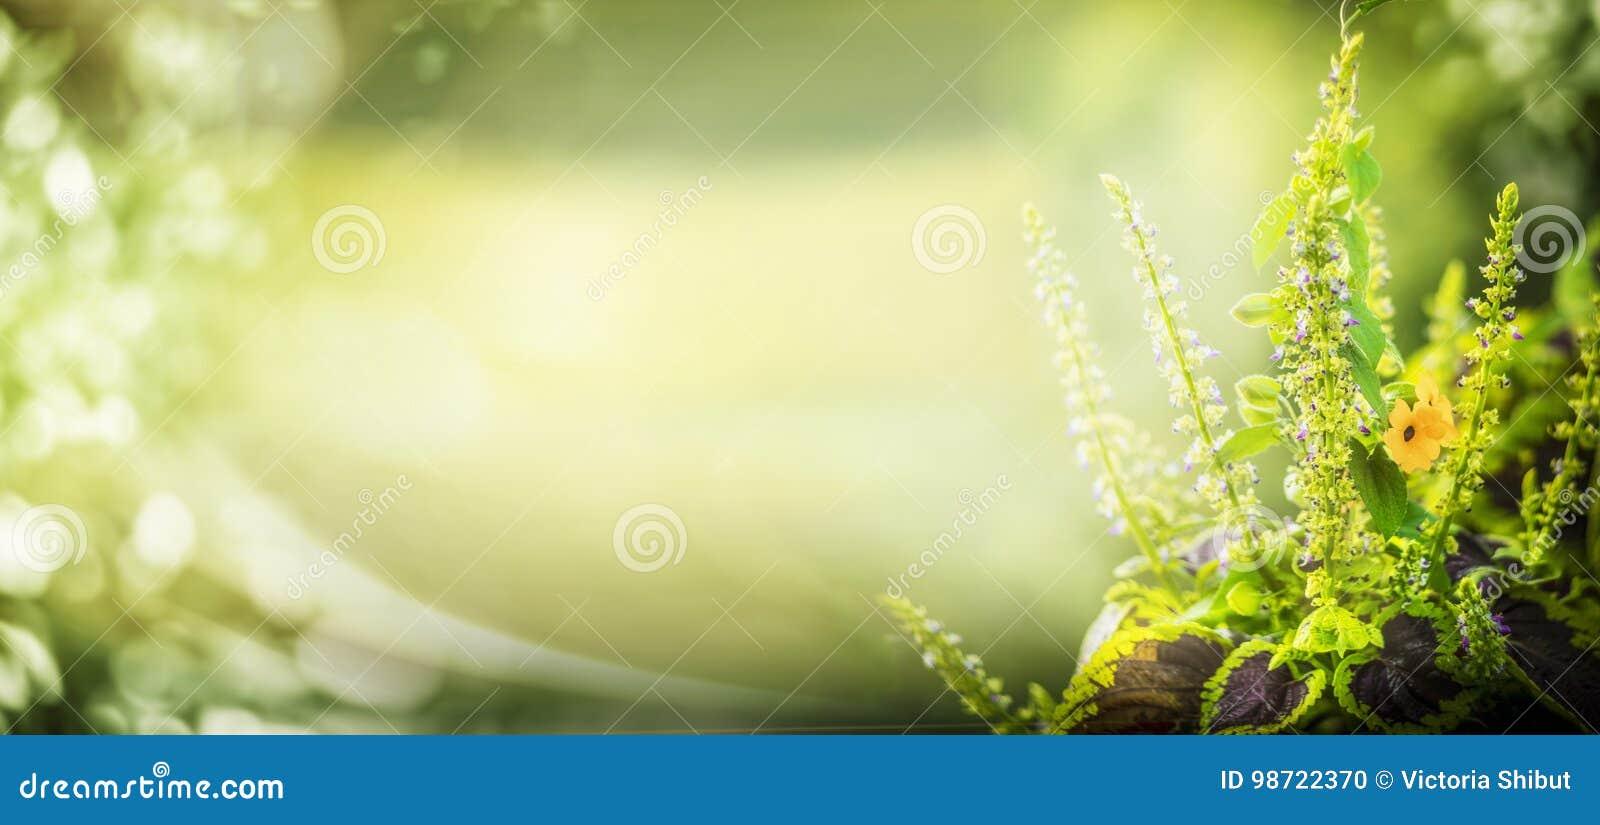 Groene aardachtergrond met tuininstallatie en bokeh verlichting, bloemengrens